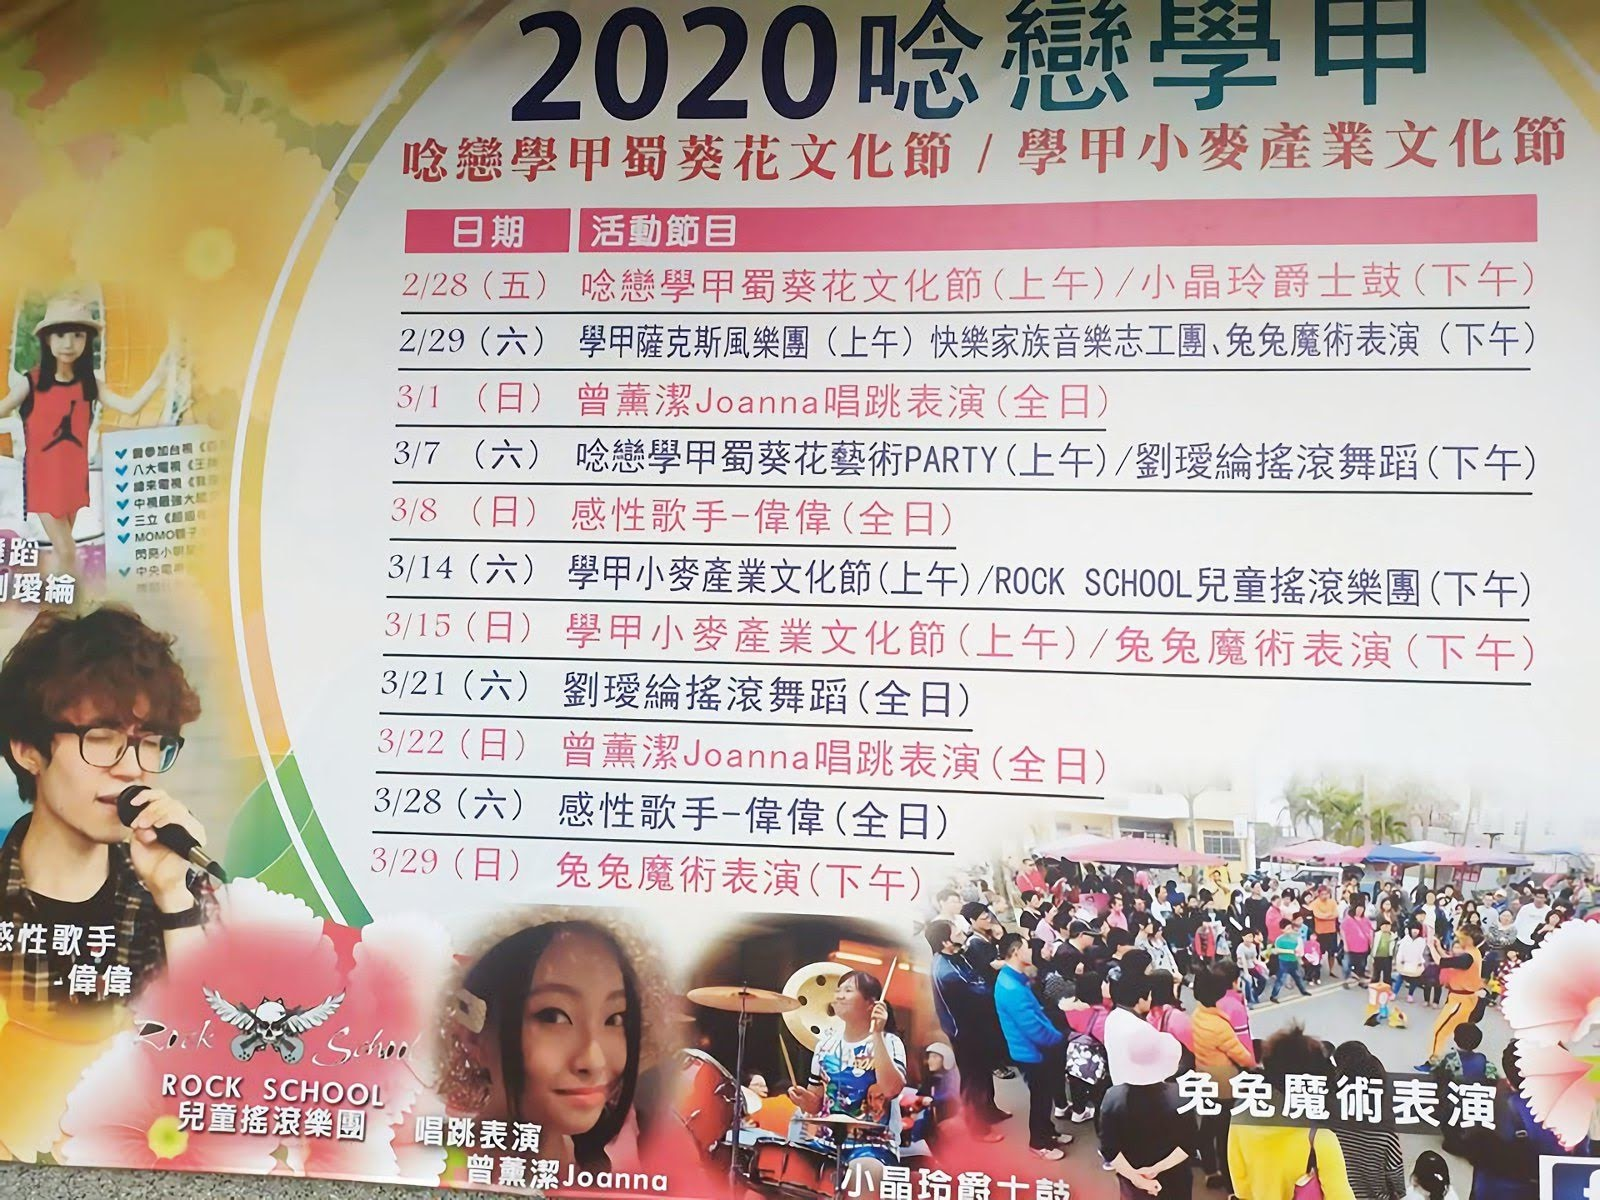 [活動] 2020唸戀學甲蜀葵花文化節|2/28光華里「蜀葵花海」登場